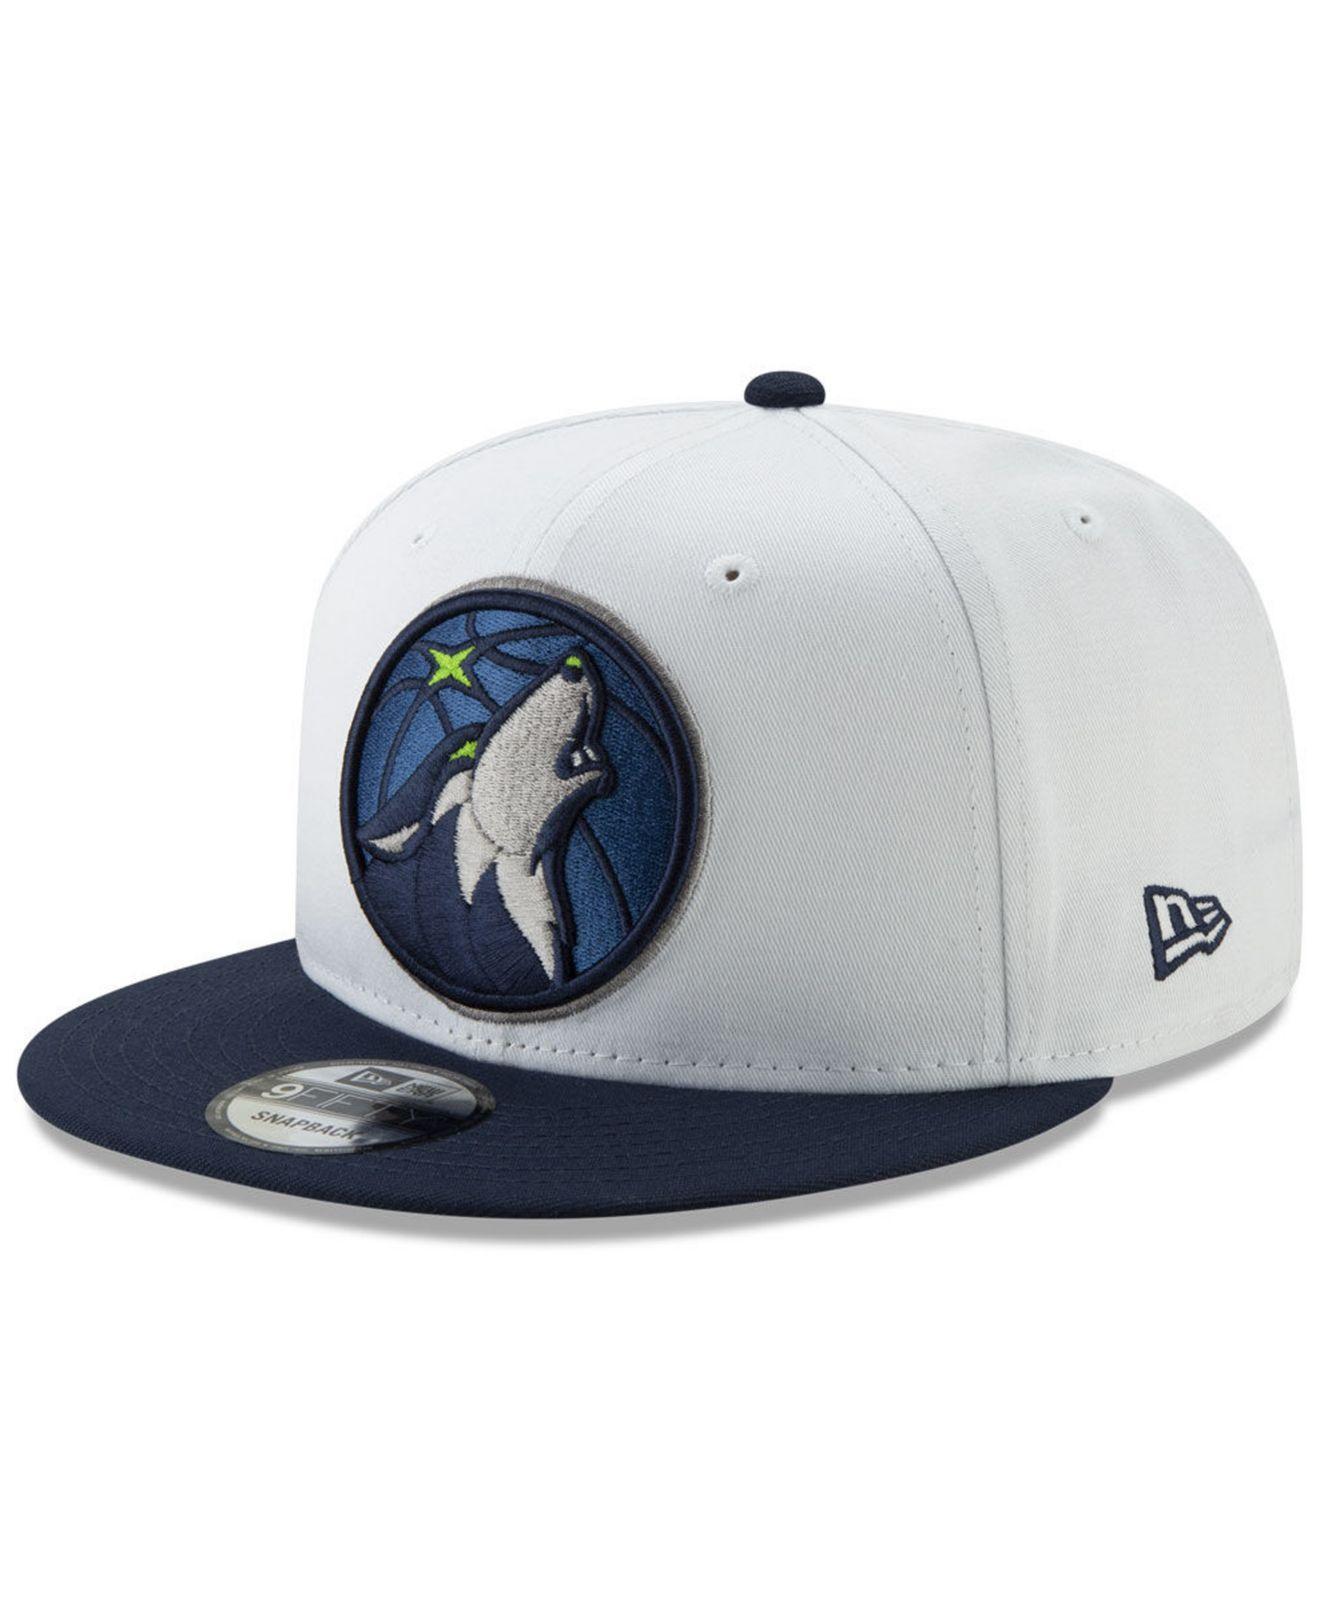 cheap for discount 284d3 0d67a KTZ - Minnesota Timberwolves White Xlt 9fifty Cap for Men - Lyst. View  fullscreen